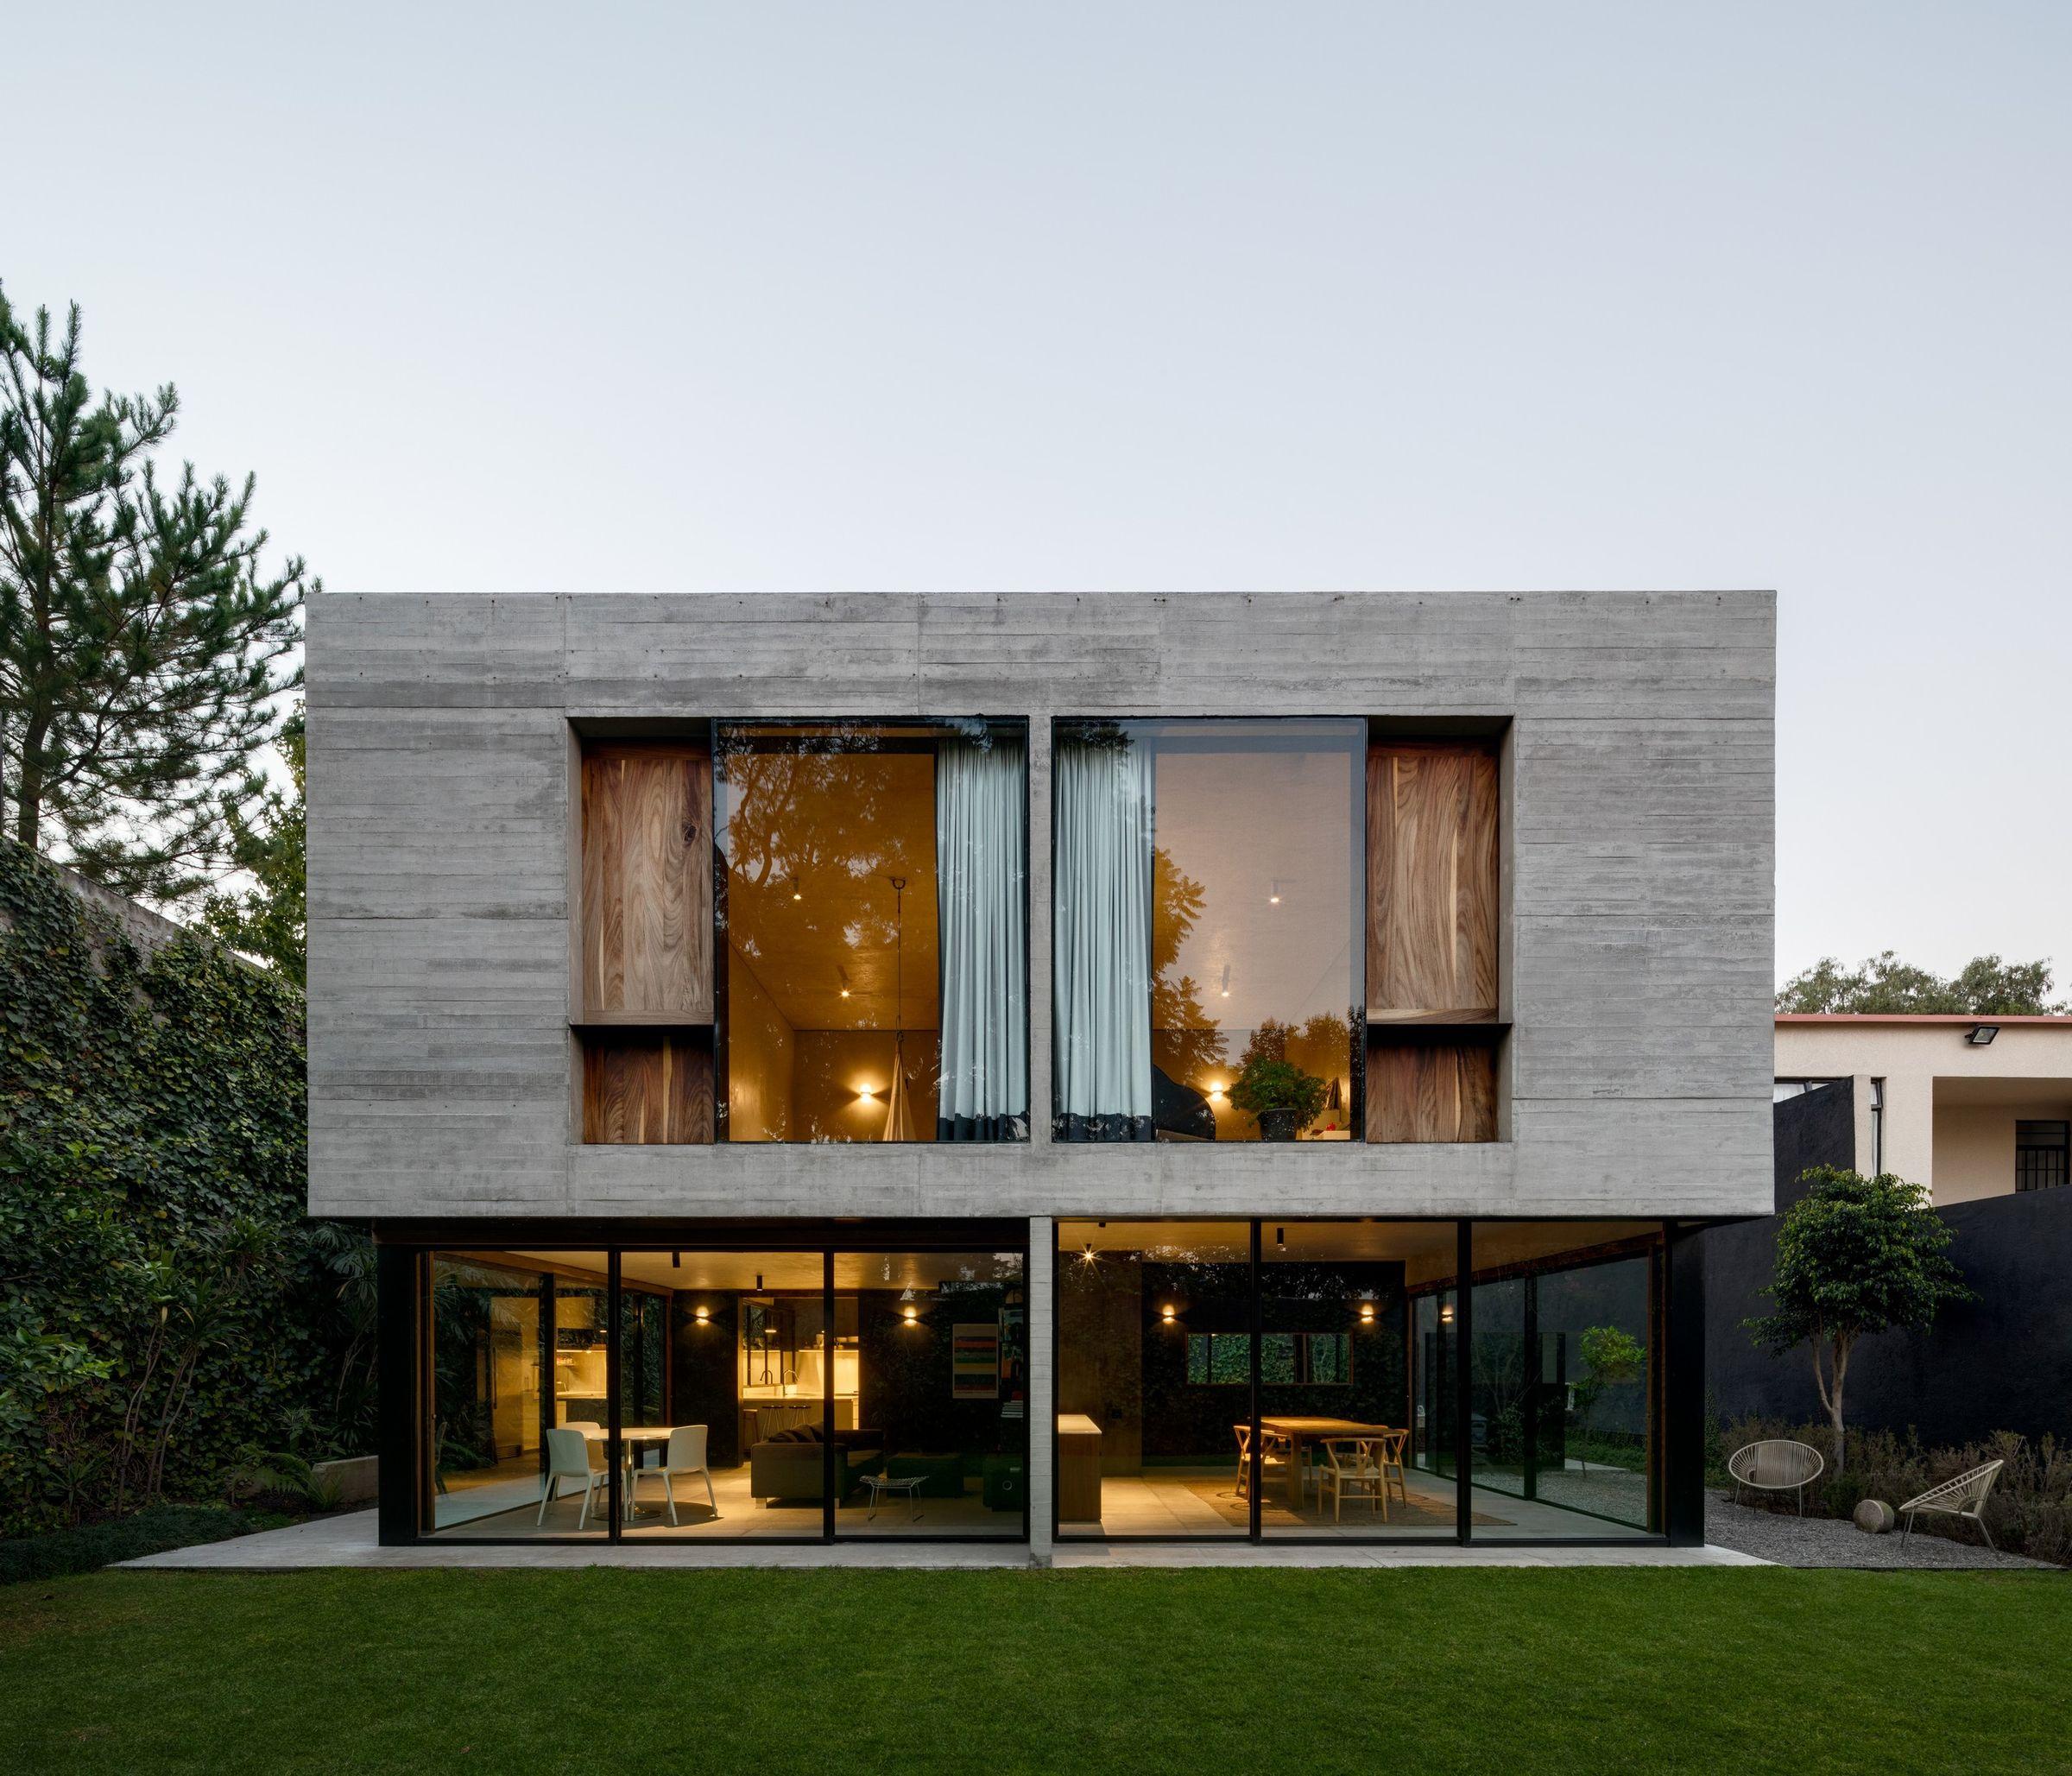 cac mau nha biet thu co san vuon dep nhat the gioi 16 50+ mẫu nhà biệt thự có sân vườn xanh mát mê mọi góc cạnh của thế giới